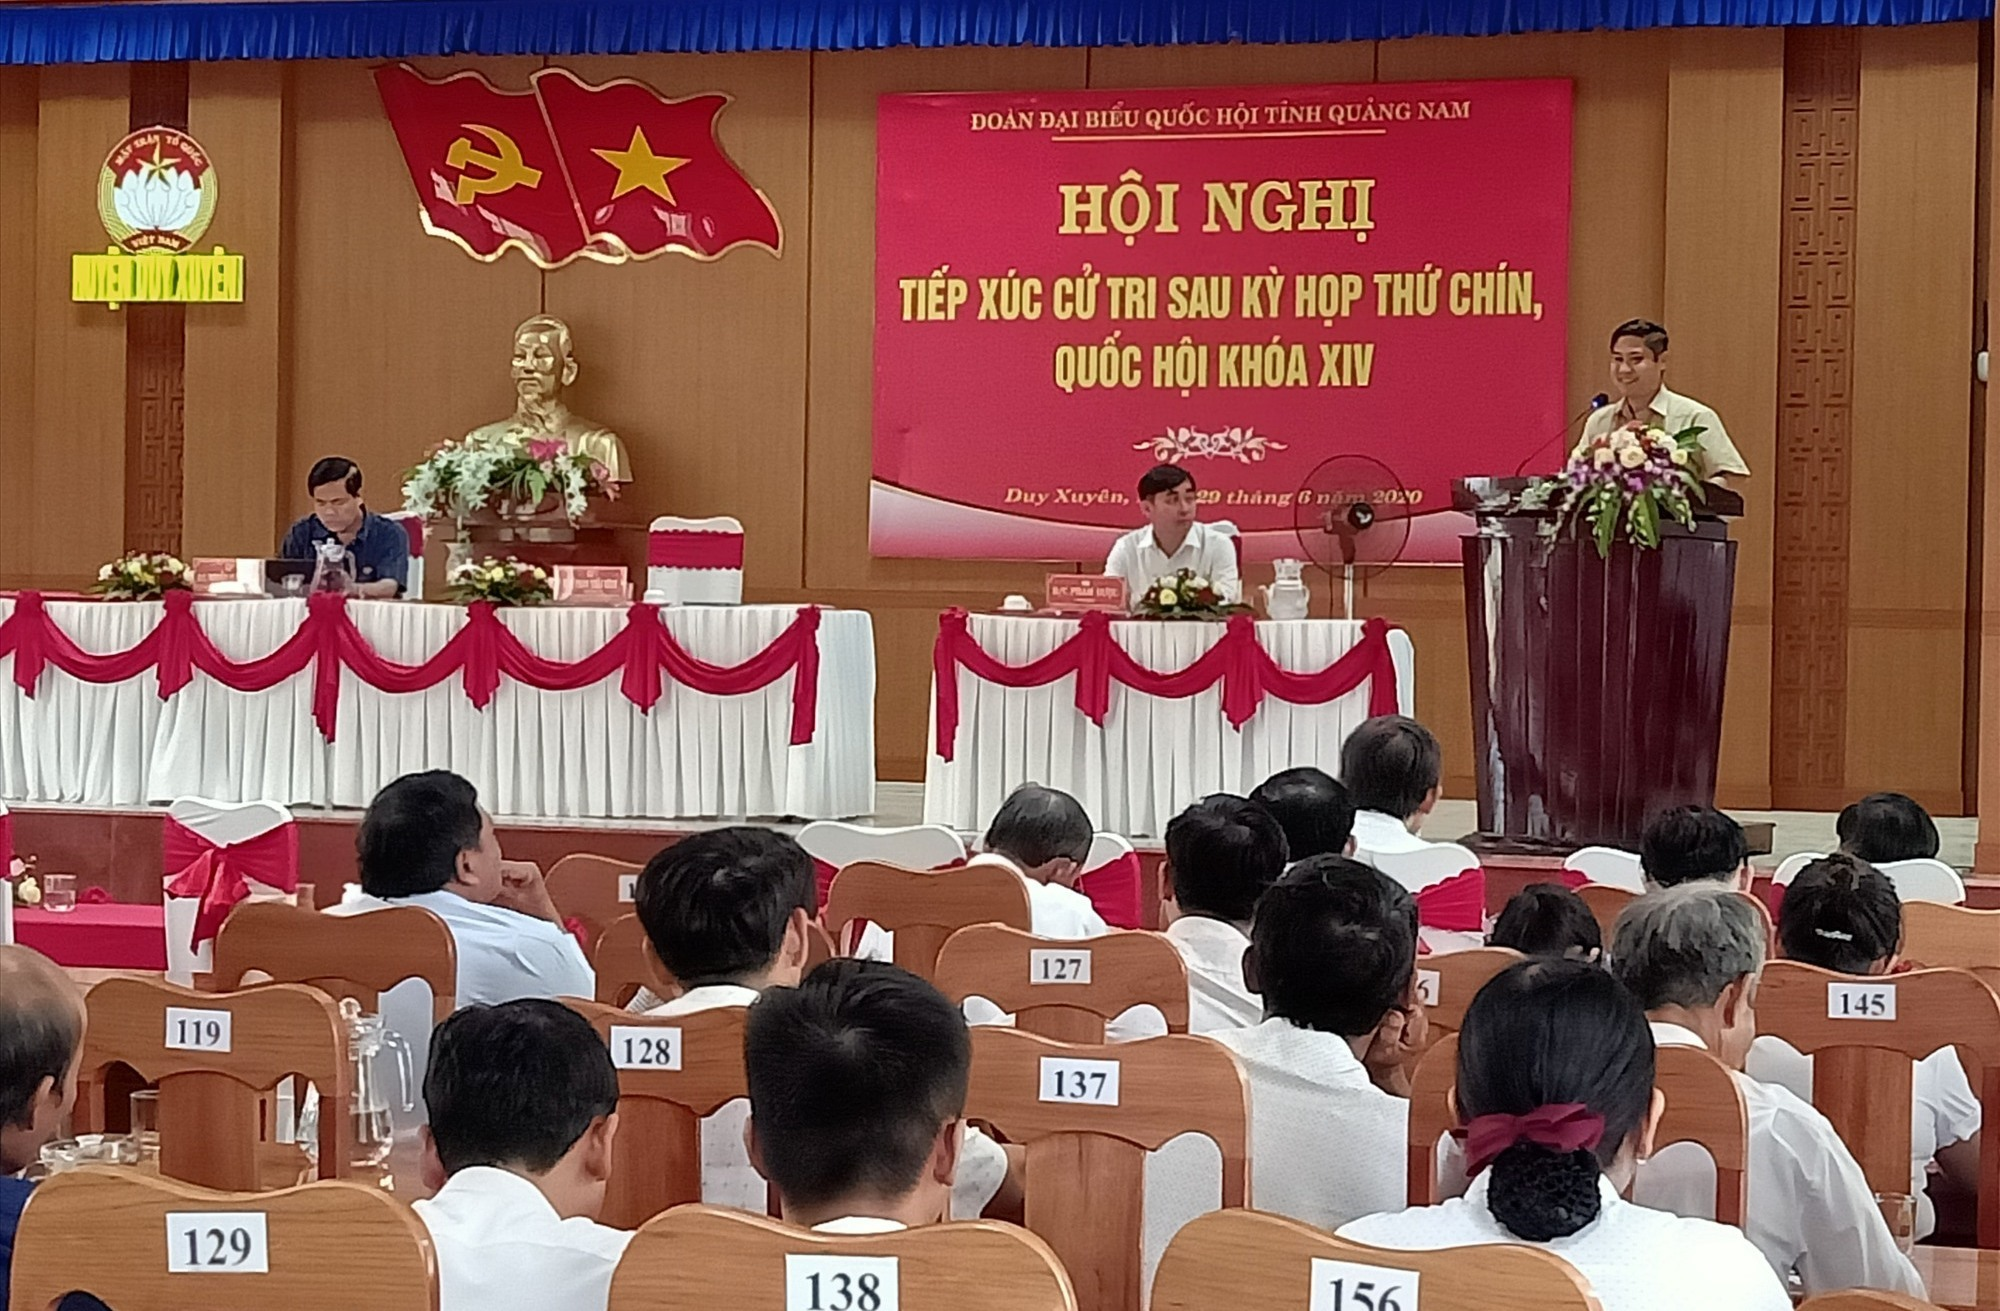 Ông Phan Thái Bình - Phó trưởng Đoàn ĐBQH tỉnh giải đáp một số thắc mắc, kiến nghị của cử tri. Ảnh: HOÀNG LIÊN